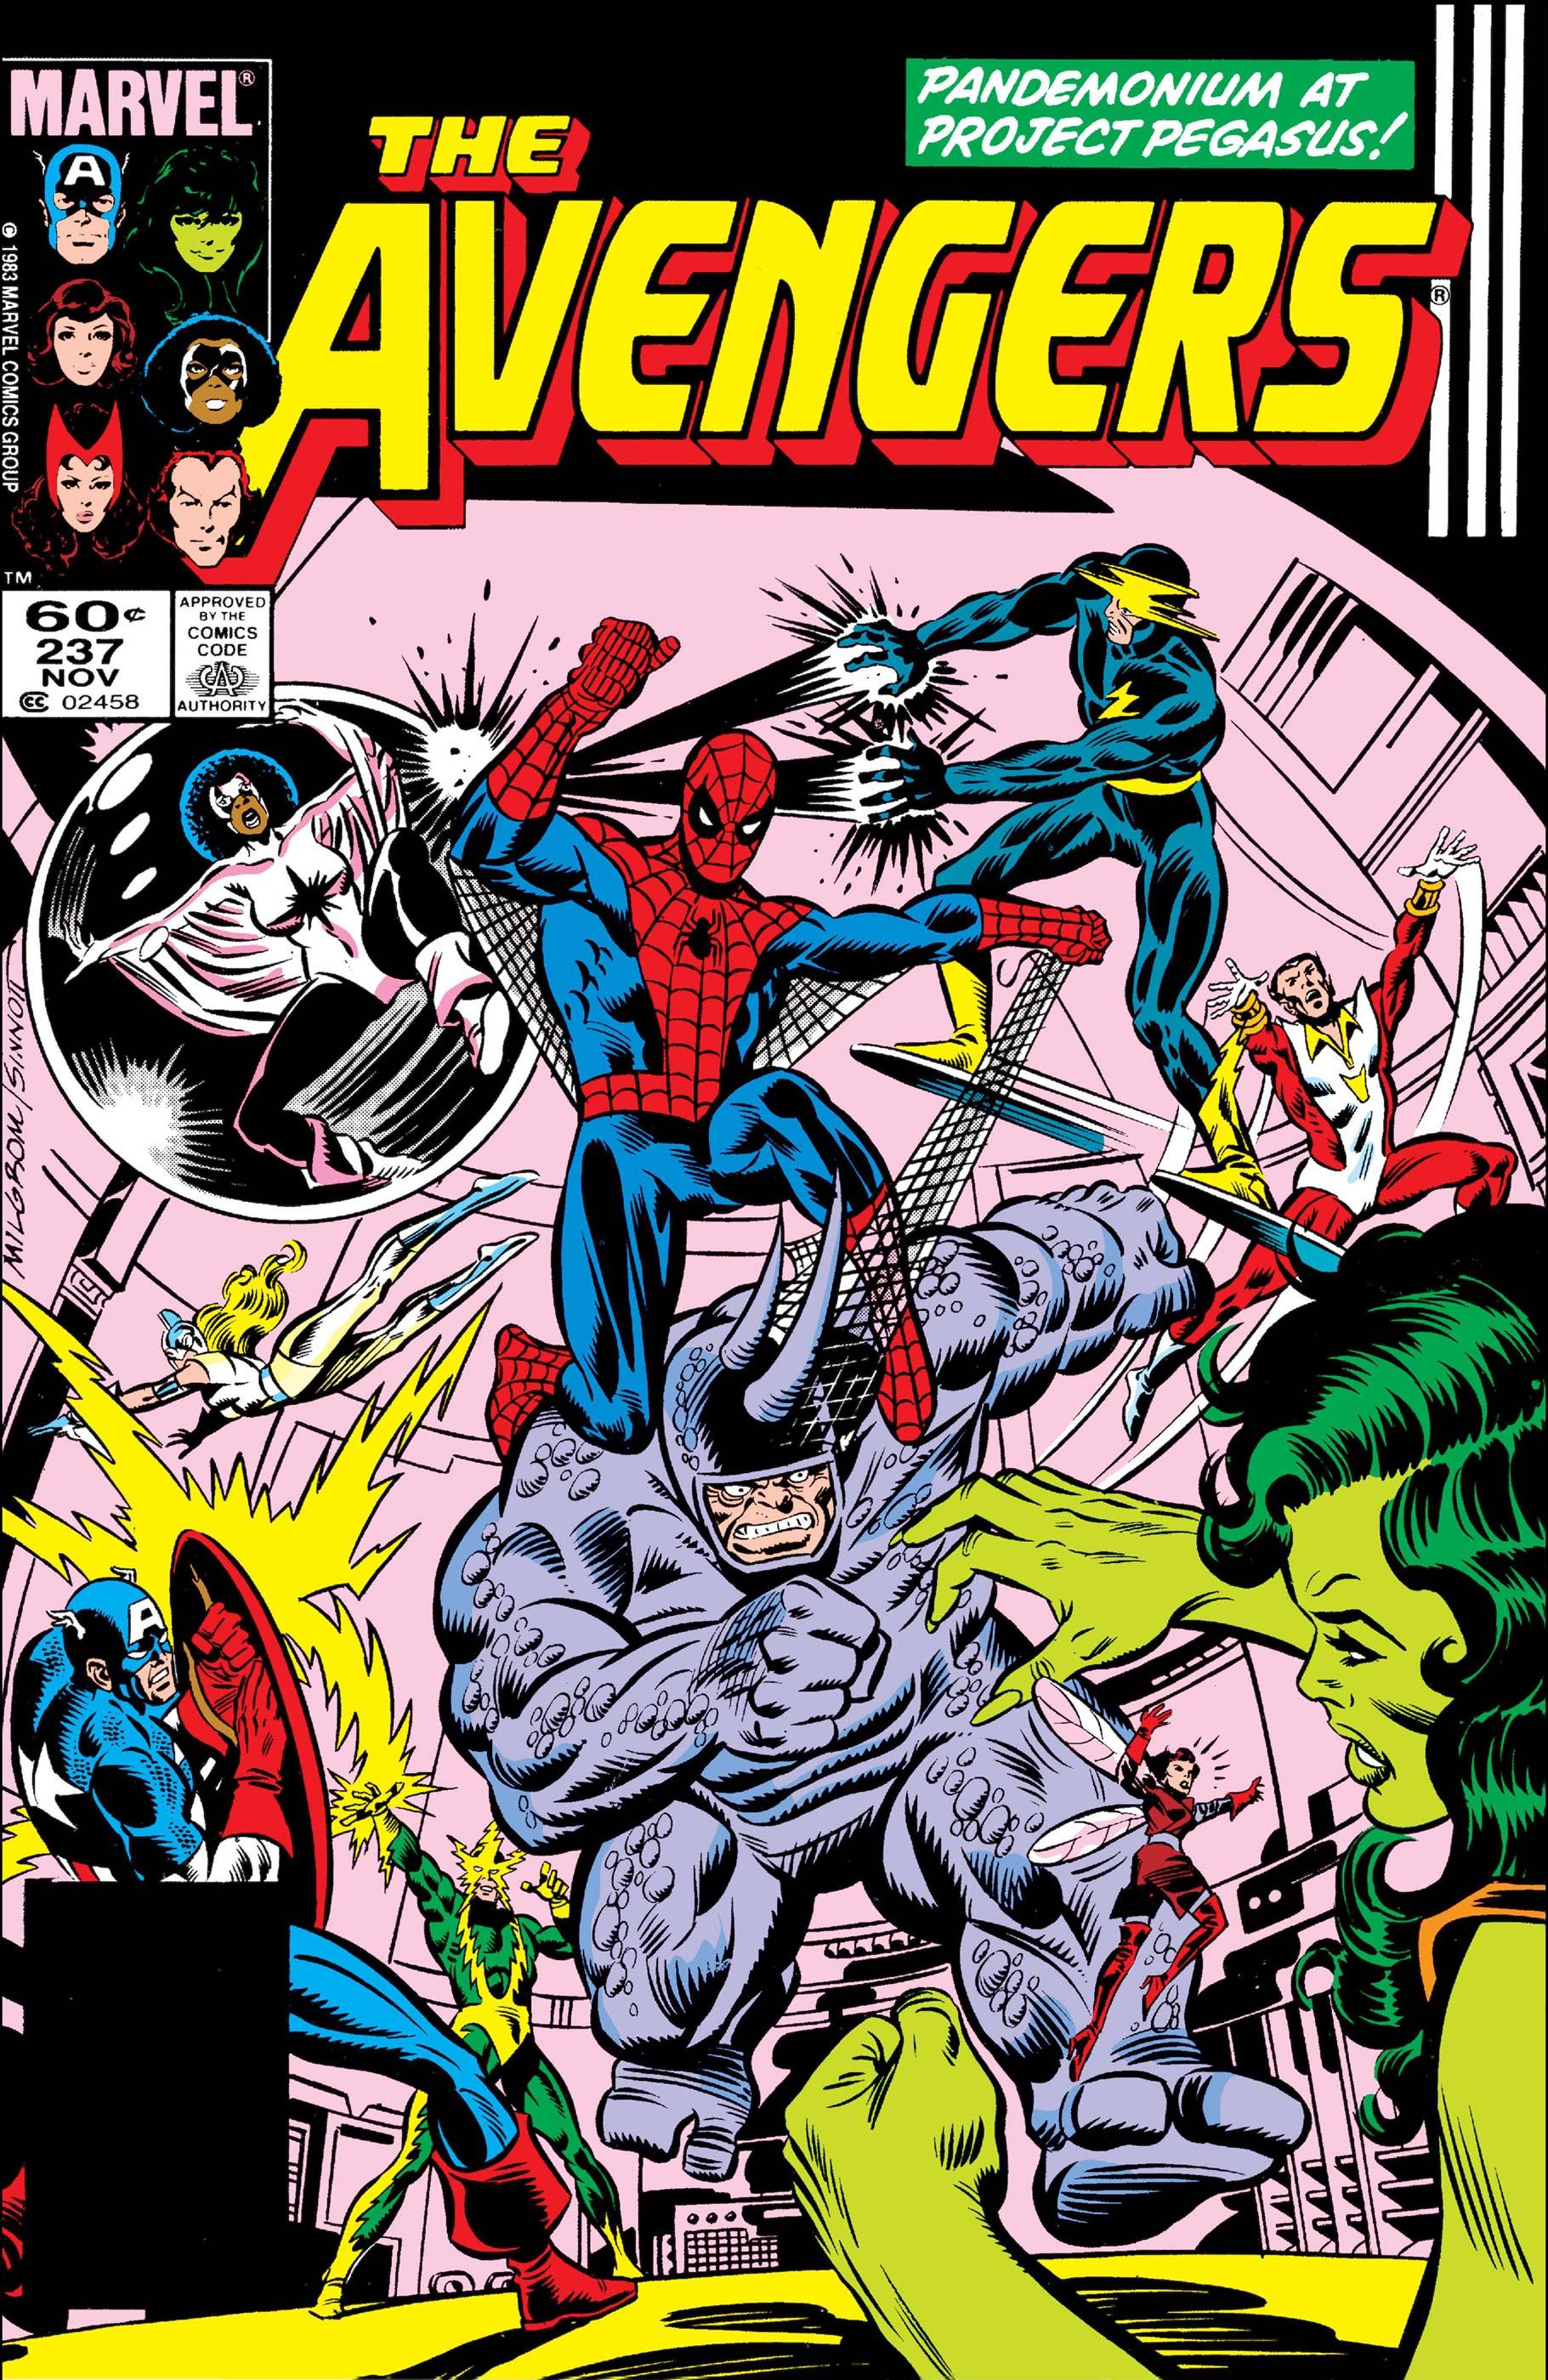 Avengers (1963) #237